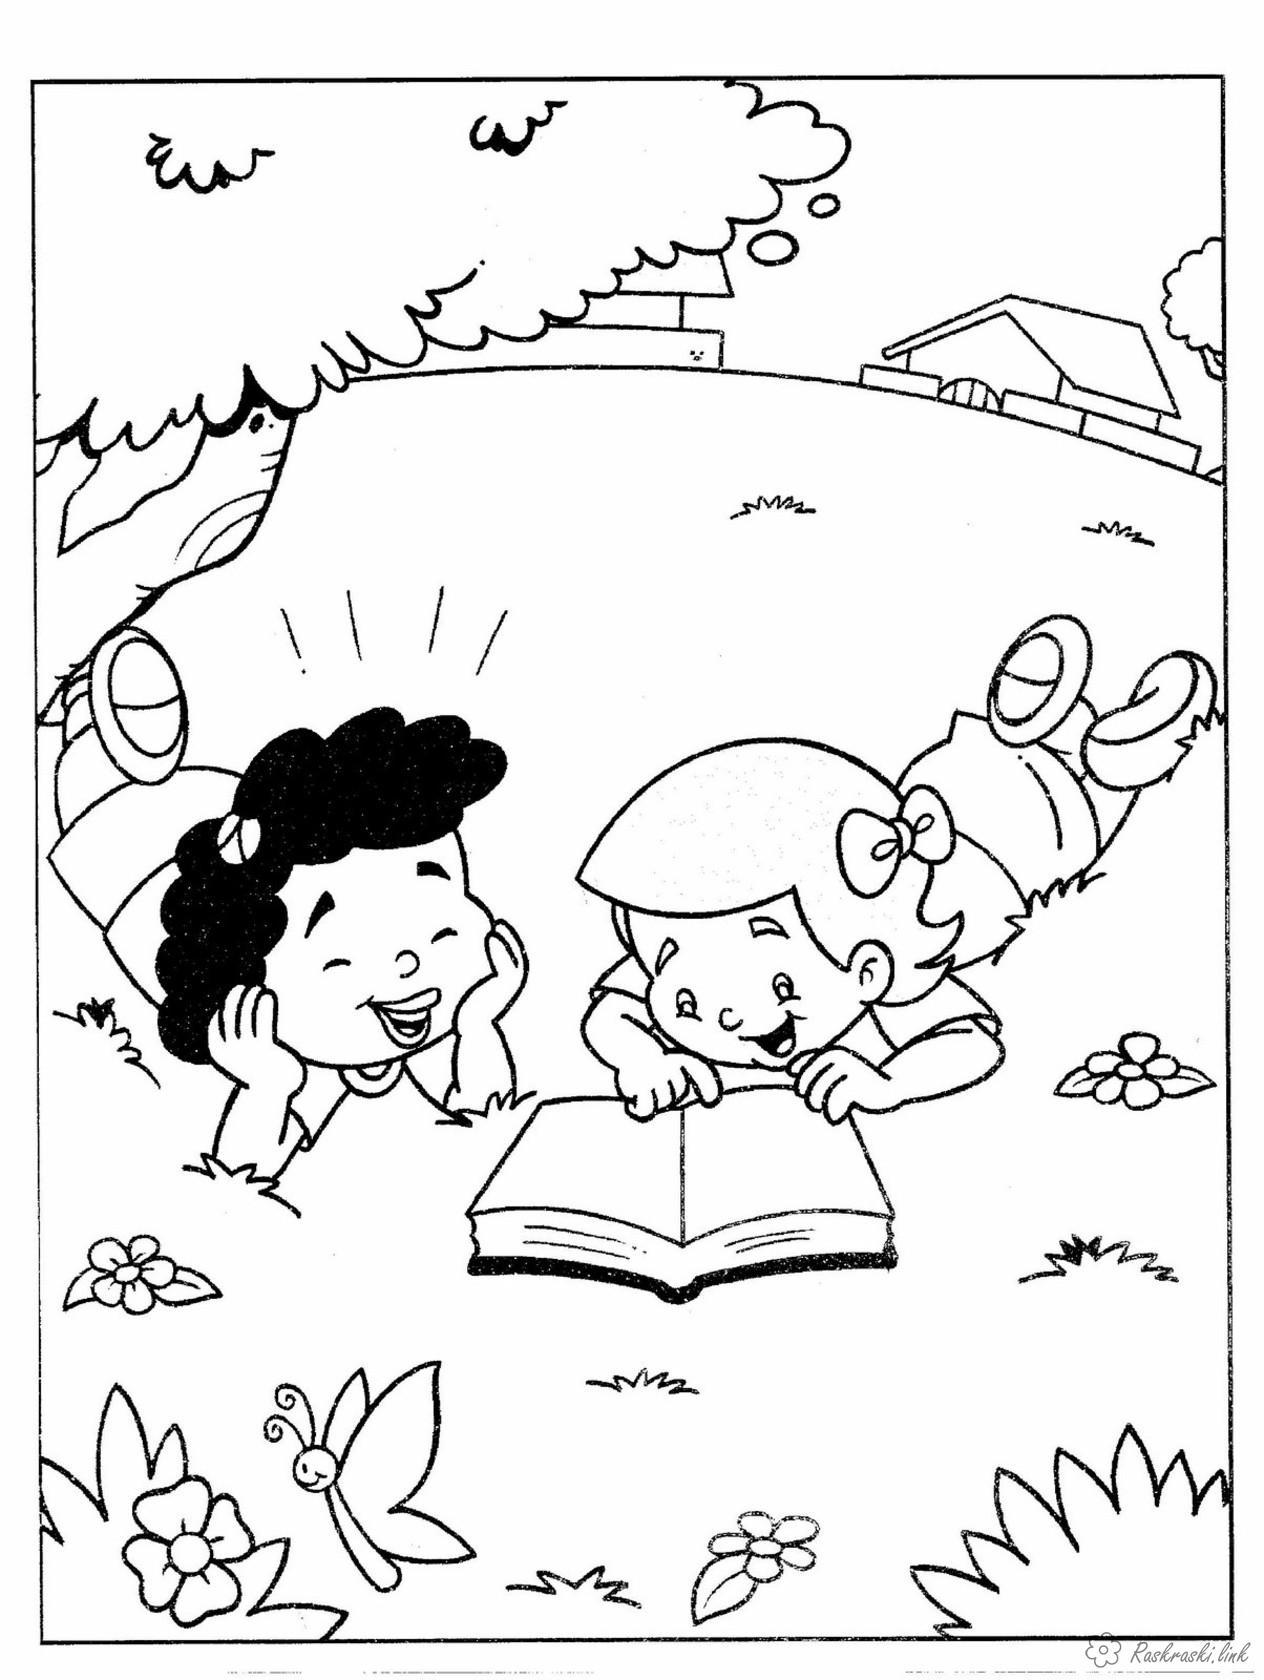 Coloring June 1 Children's Day праздник 1 июня день защиты детей дети девочка мальчик книга дерево лето луг